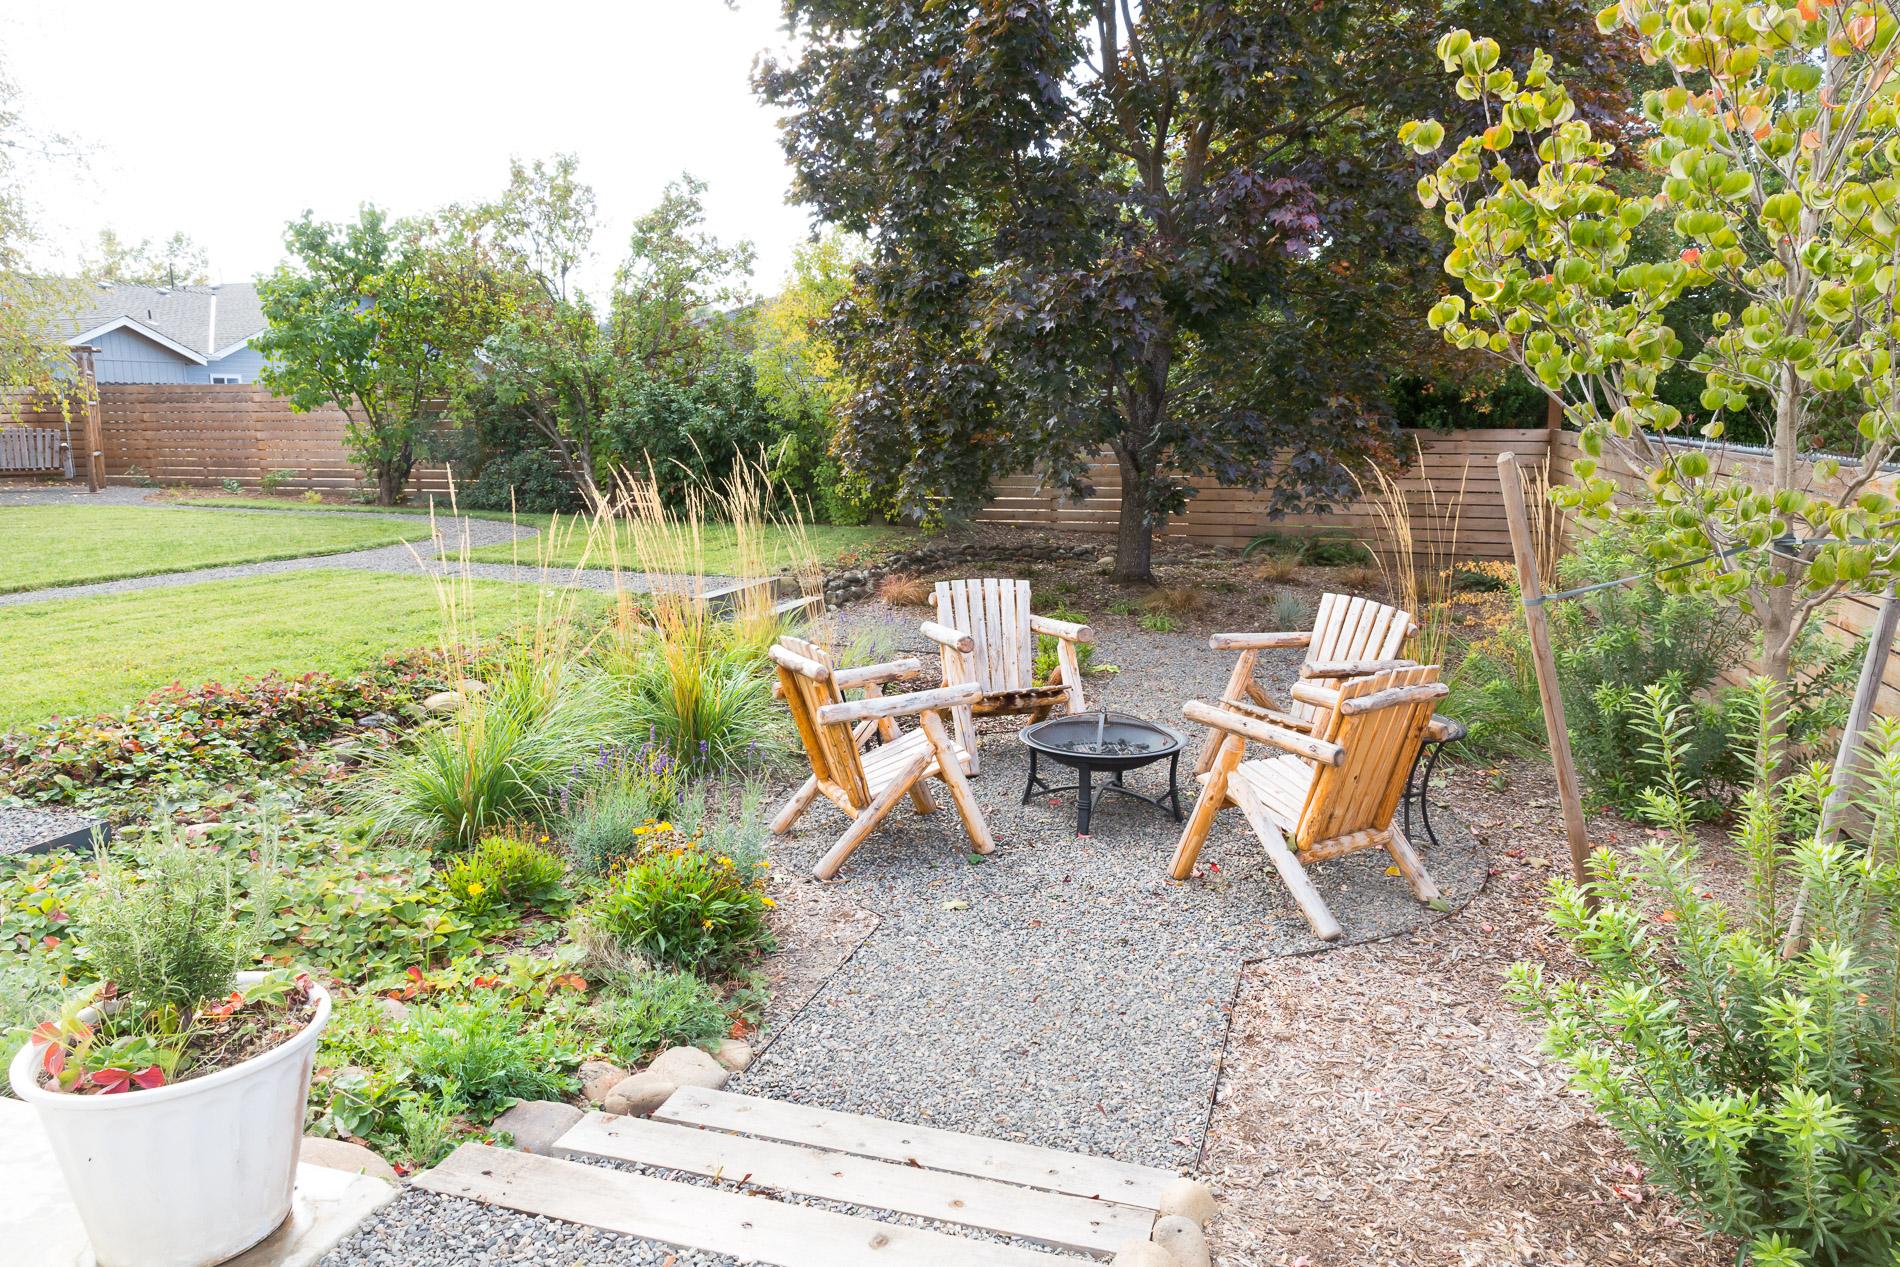 Fire Pit Gravel Patio + Timber Steps + Perennial Garden